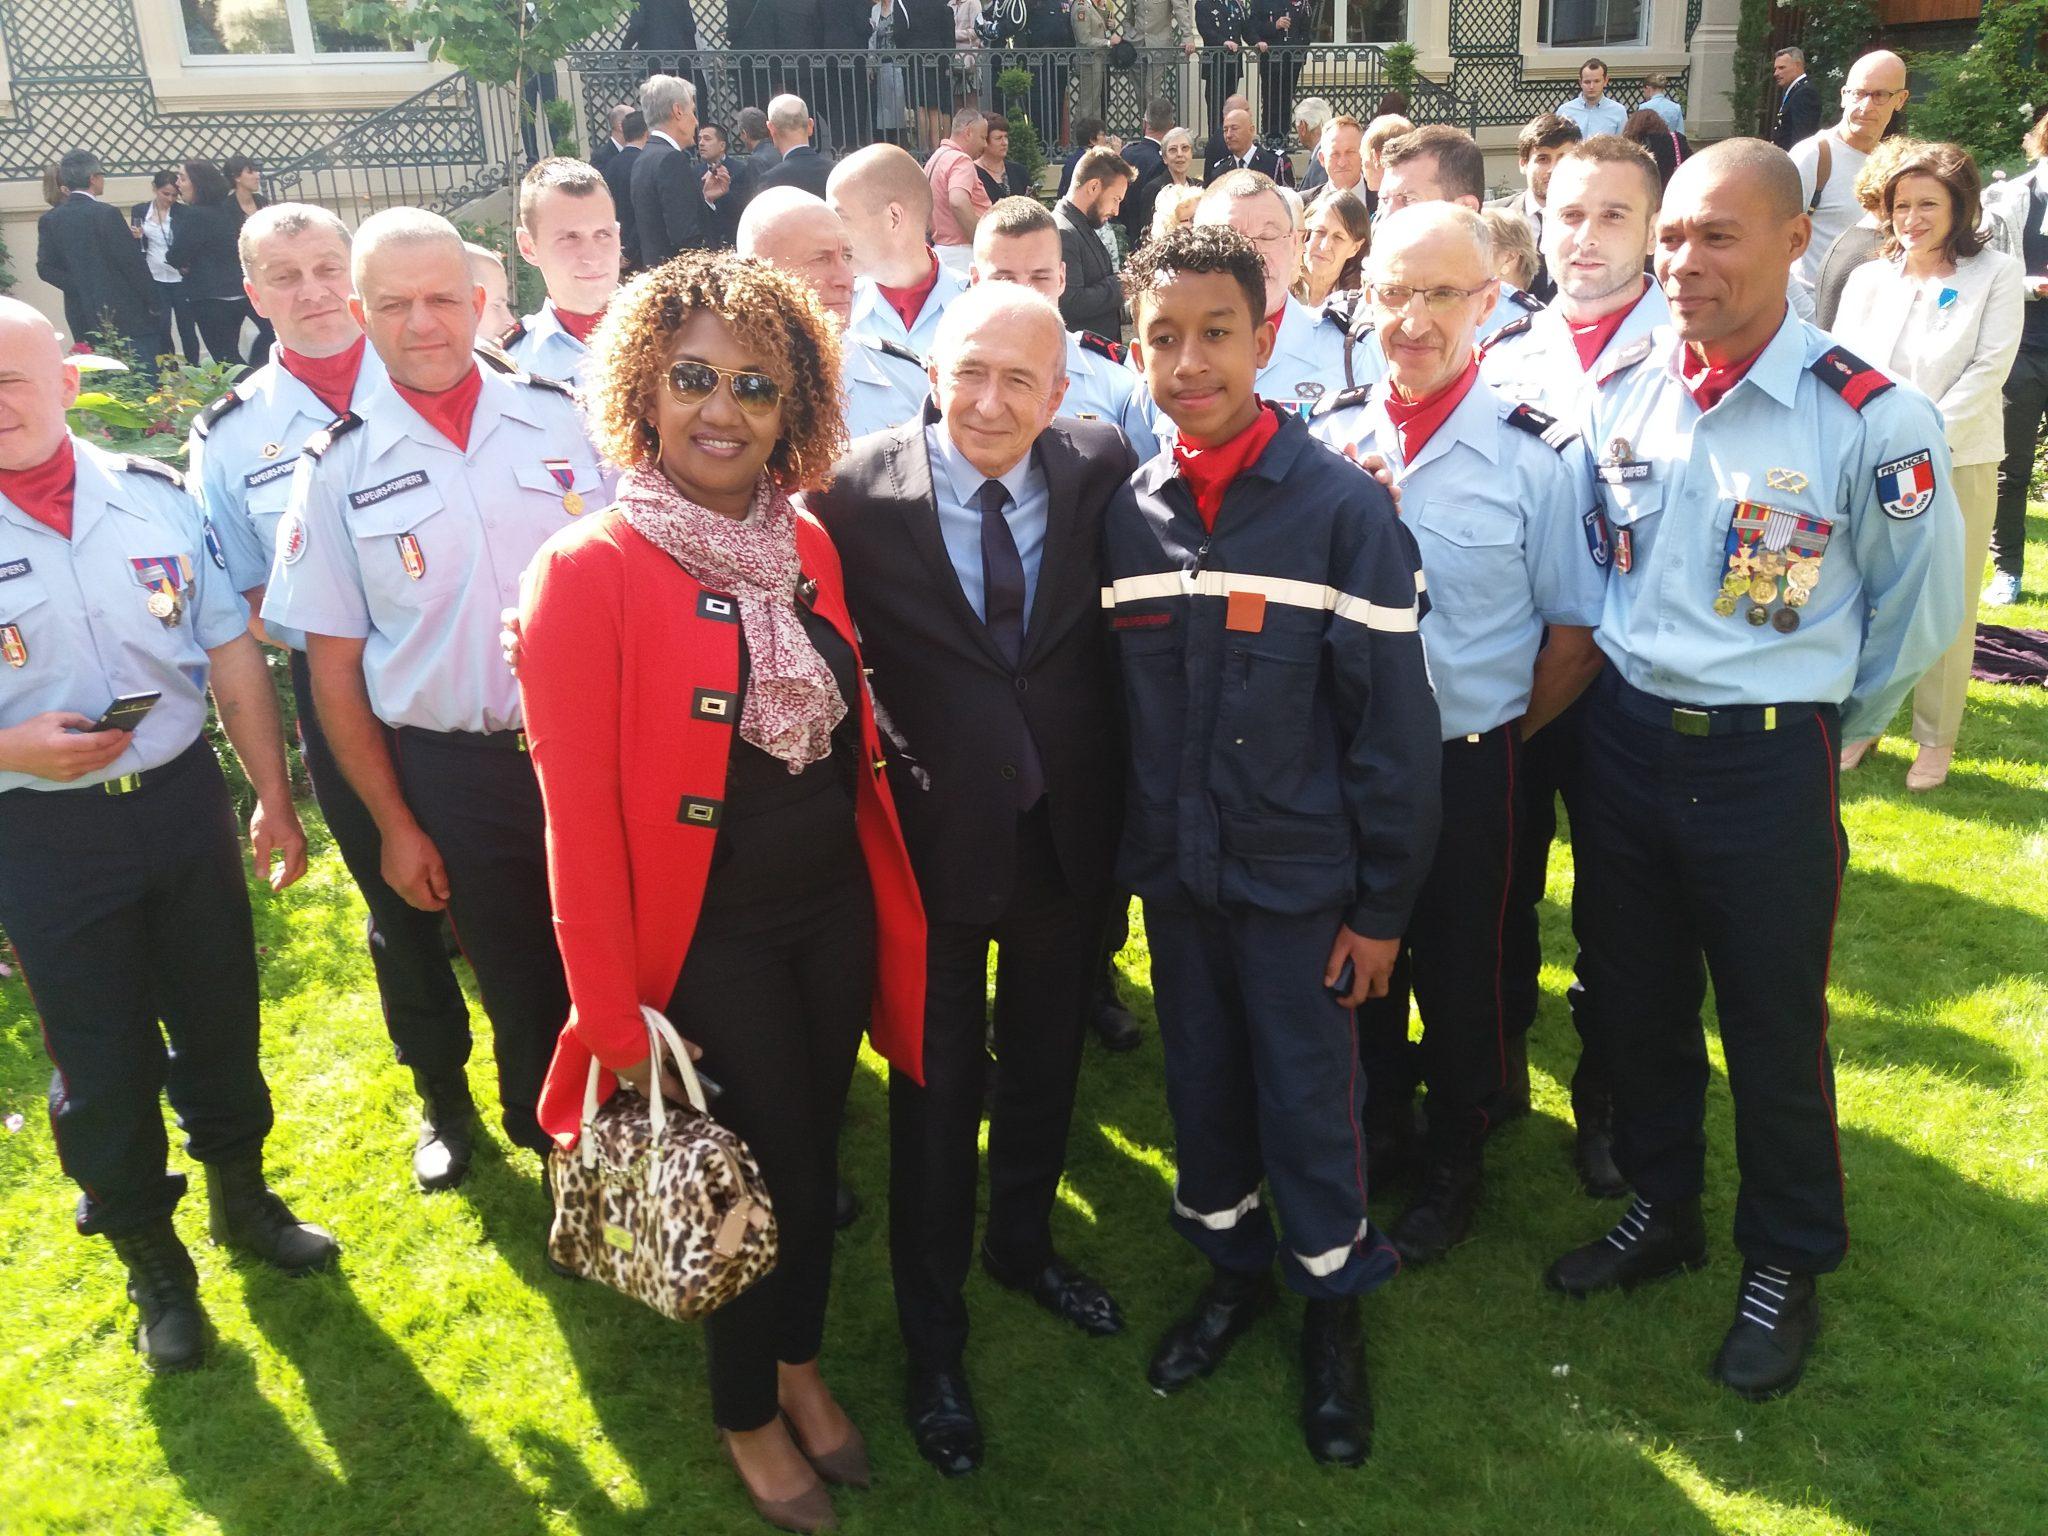 Un bénévole d'Eau de Coco récompensé par le ministre de l'Intérieur